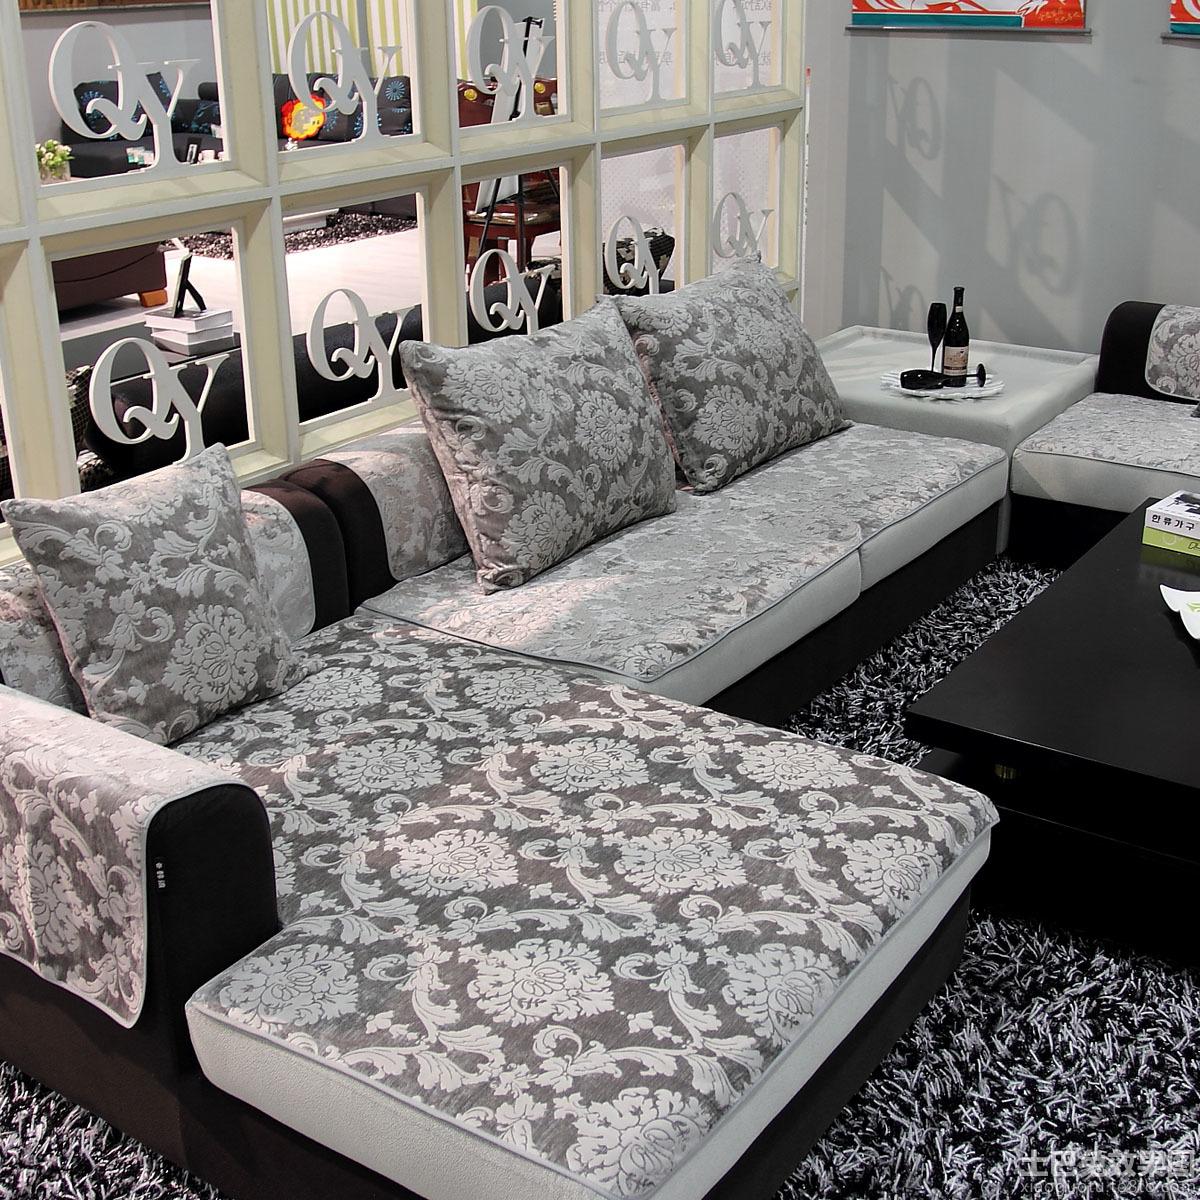 简约布艺沙发坐垫效果图